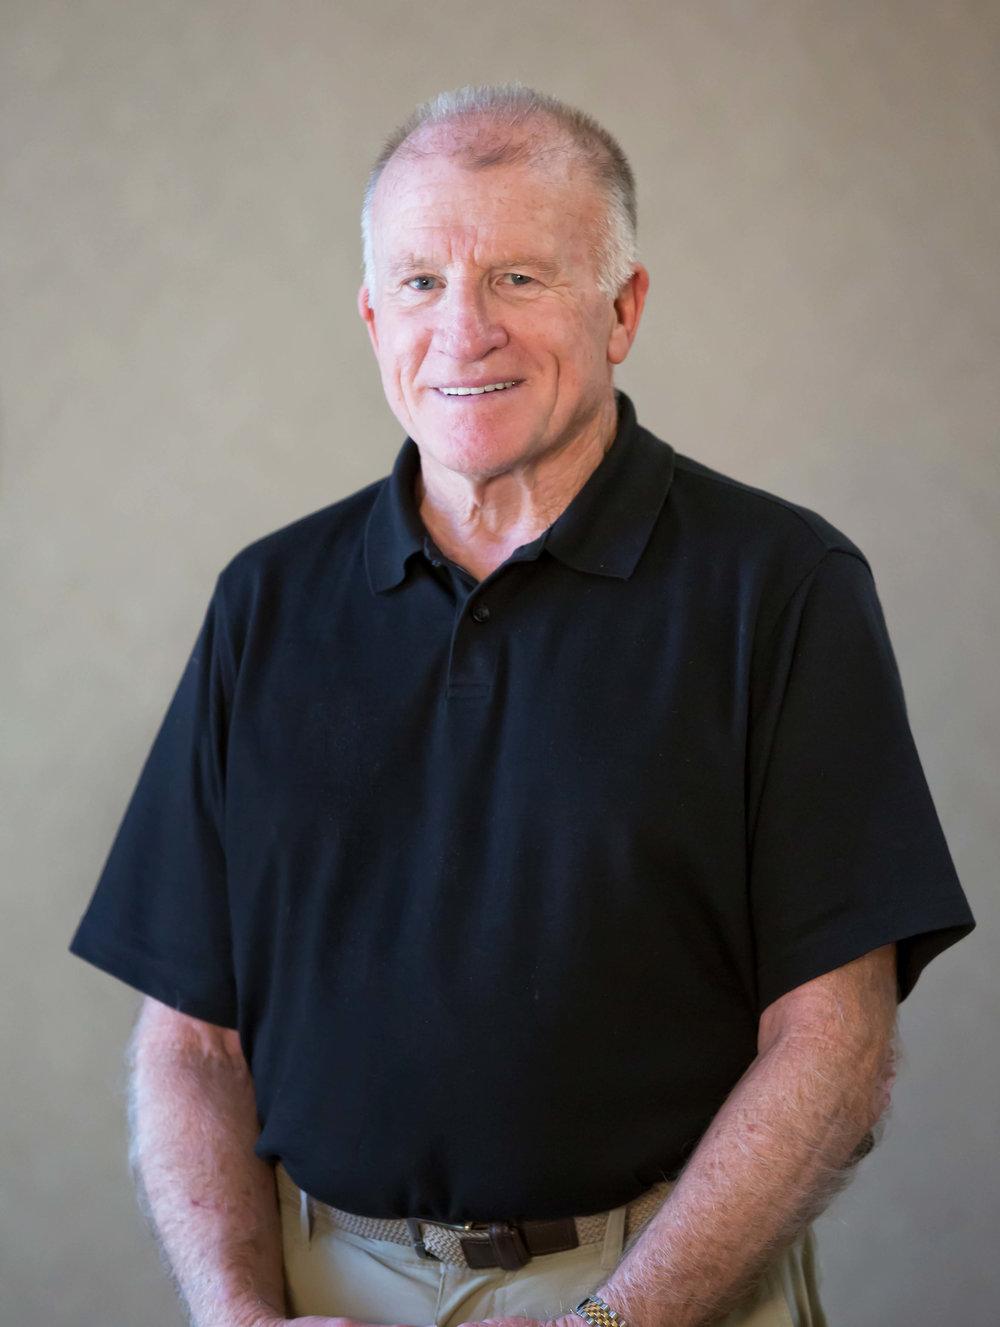 Dr. Travis Poindexter, DDS